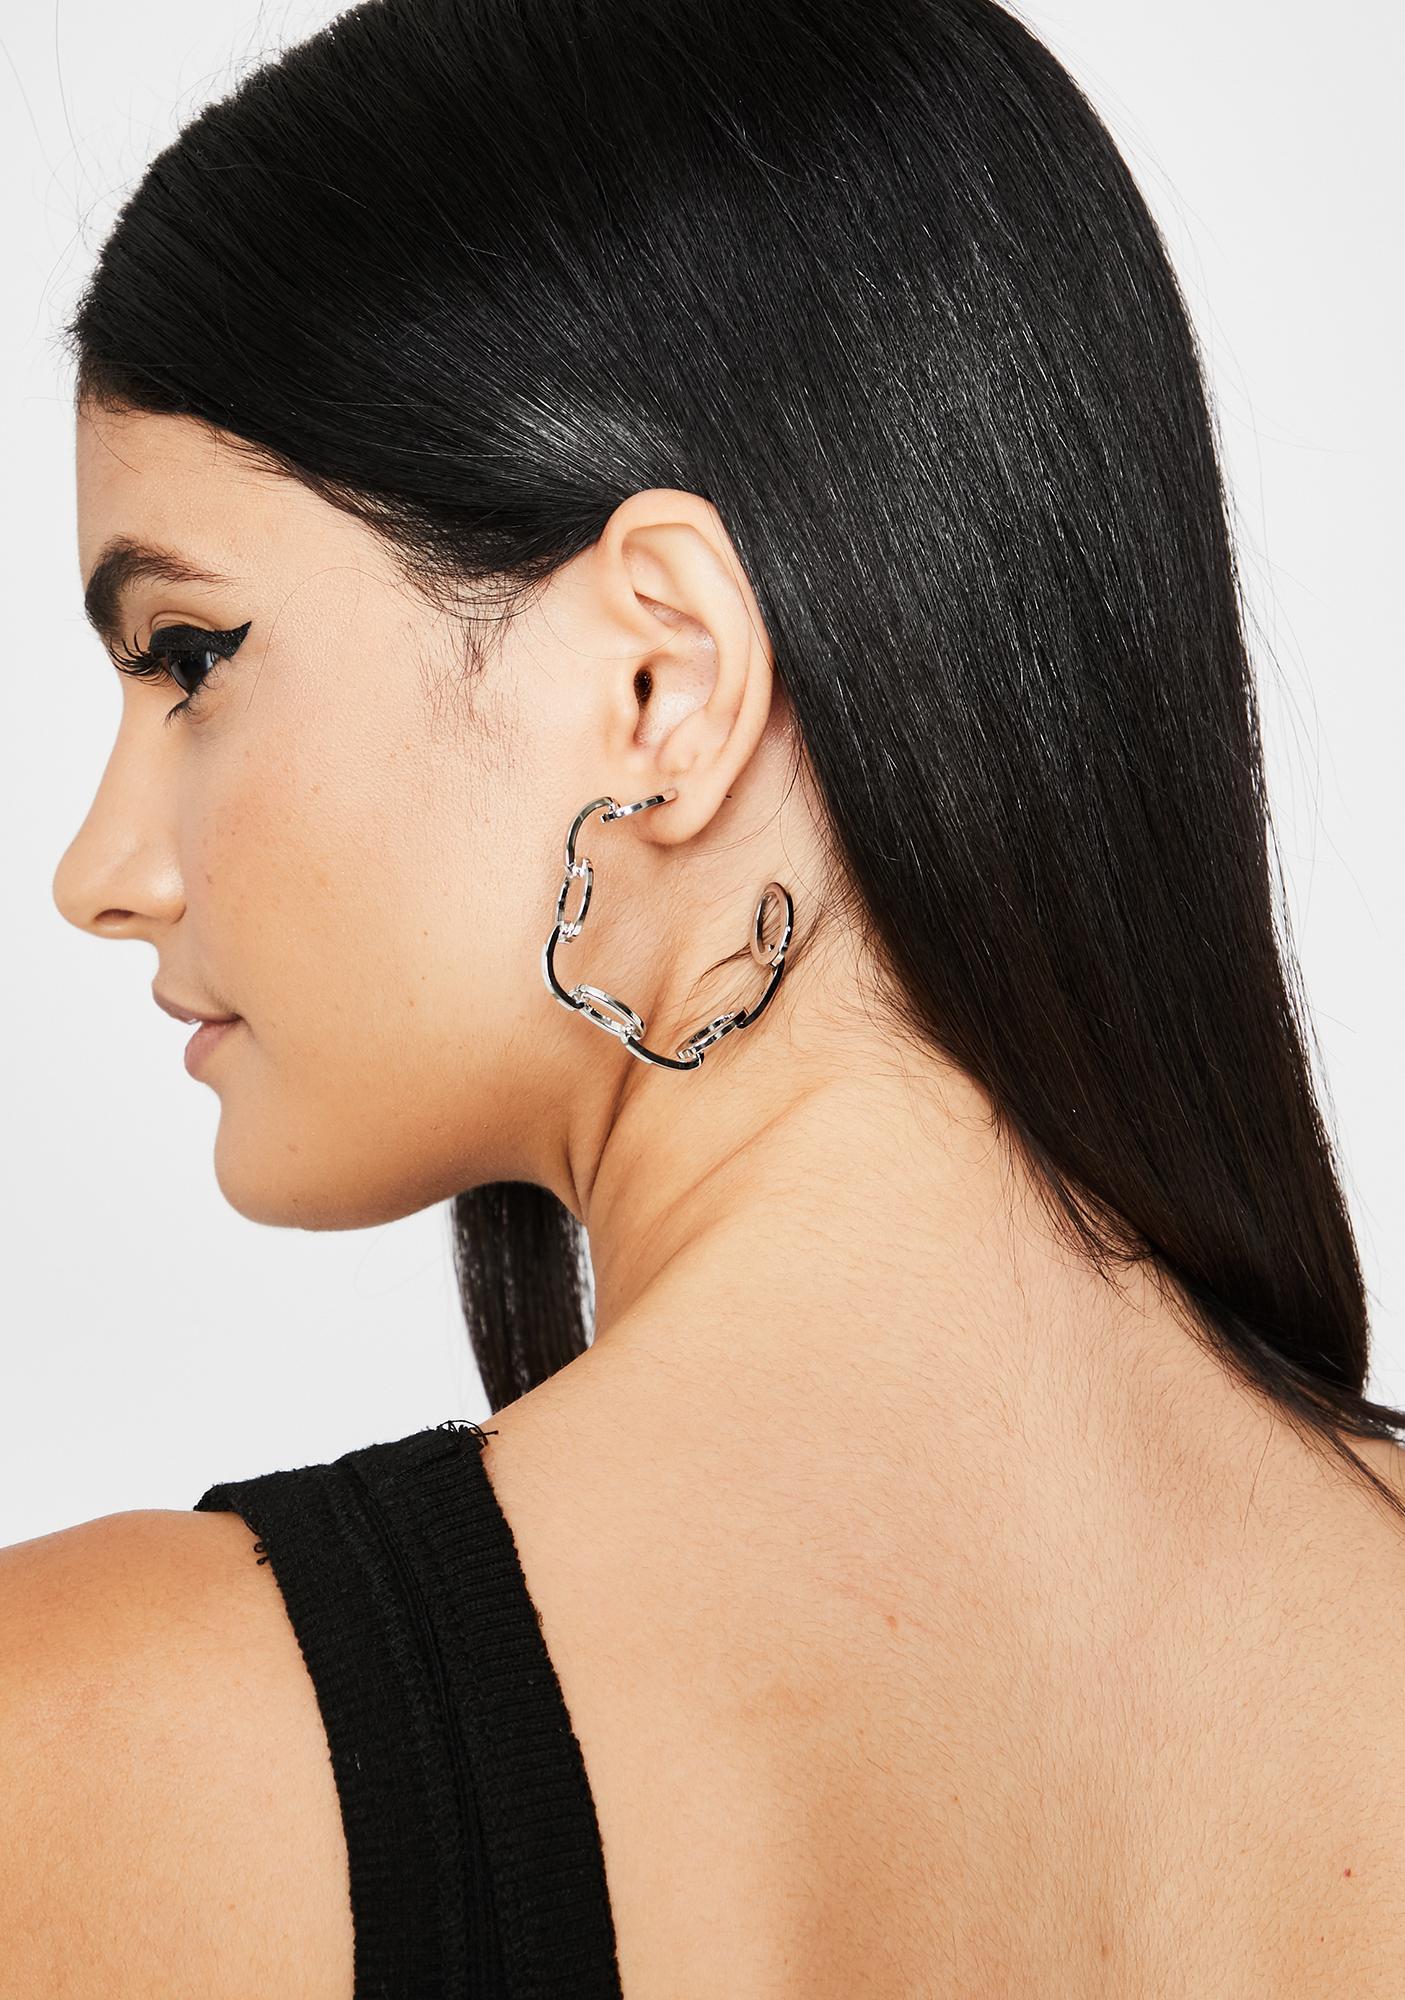 Hellbent Over U Hoop Earrings